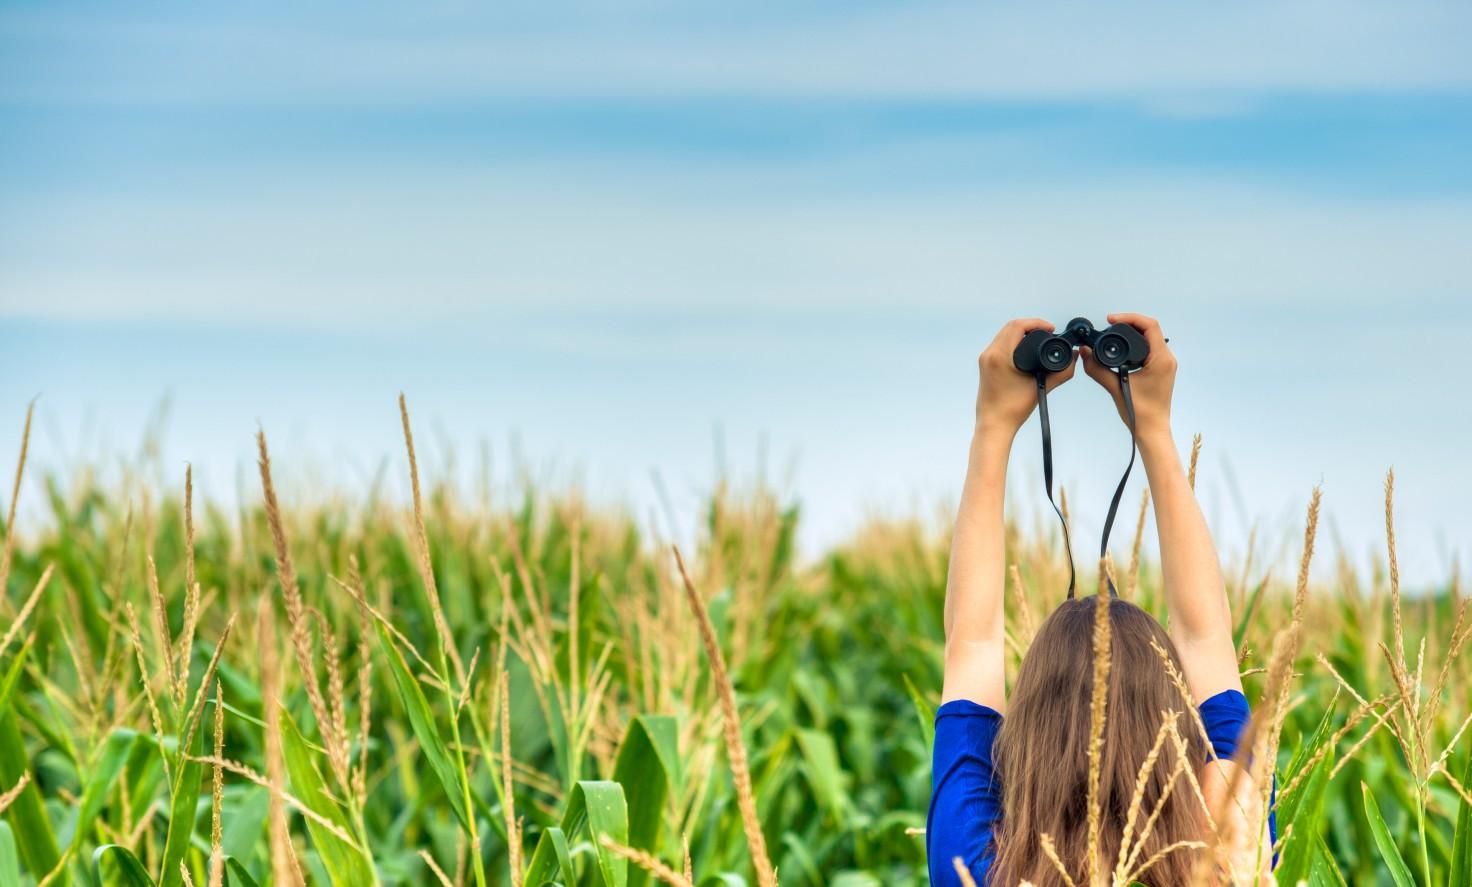 Woman Holding A Binocular In The Field